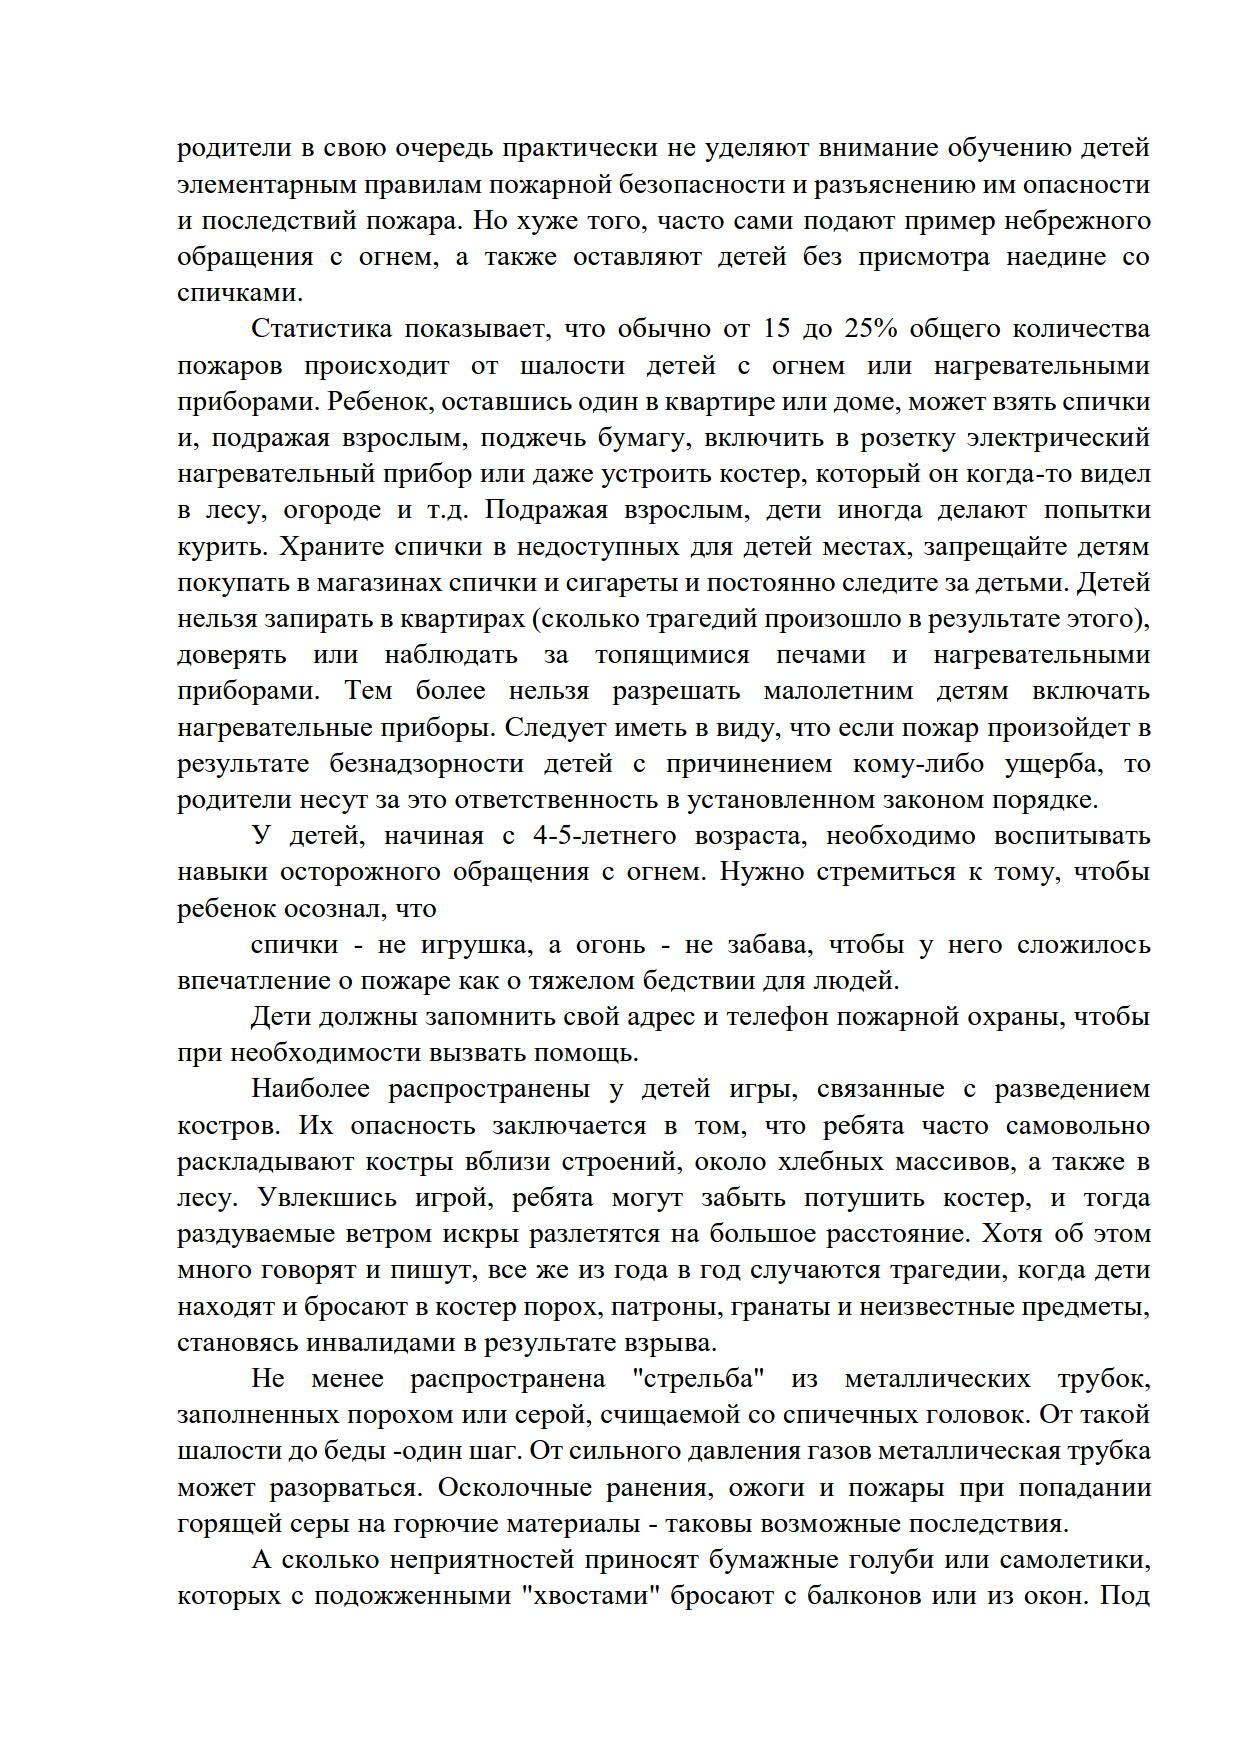 памятка_2